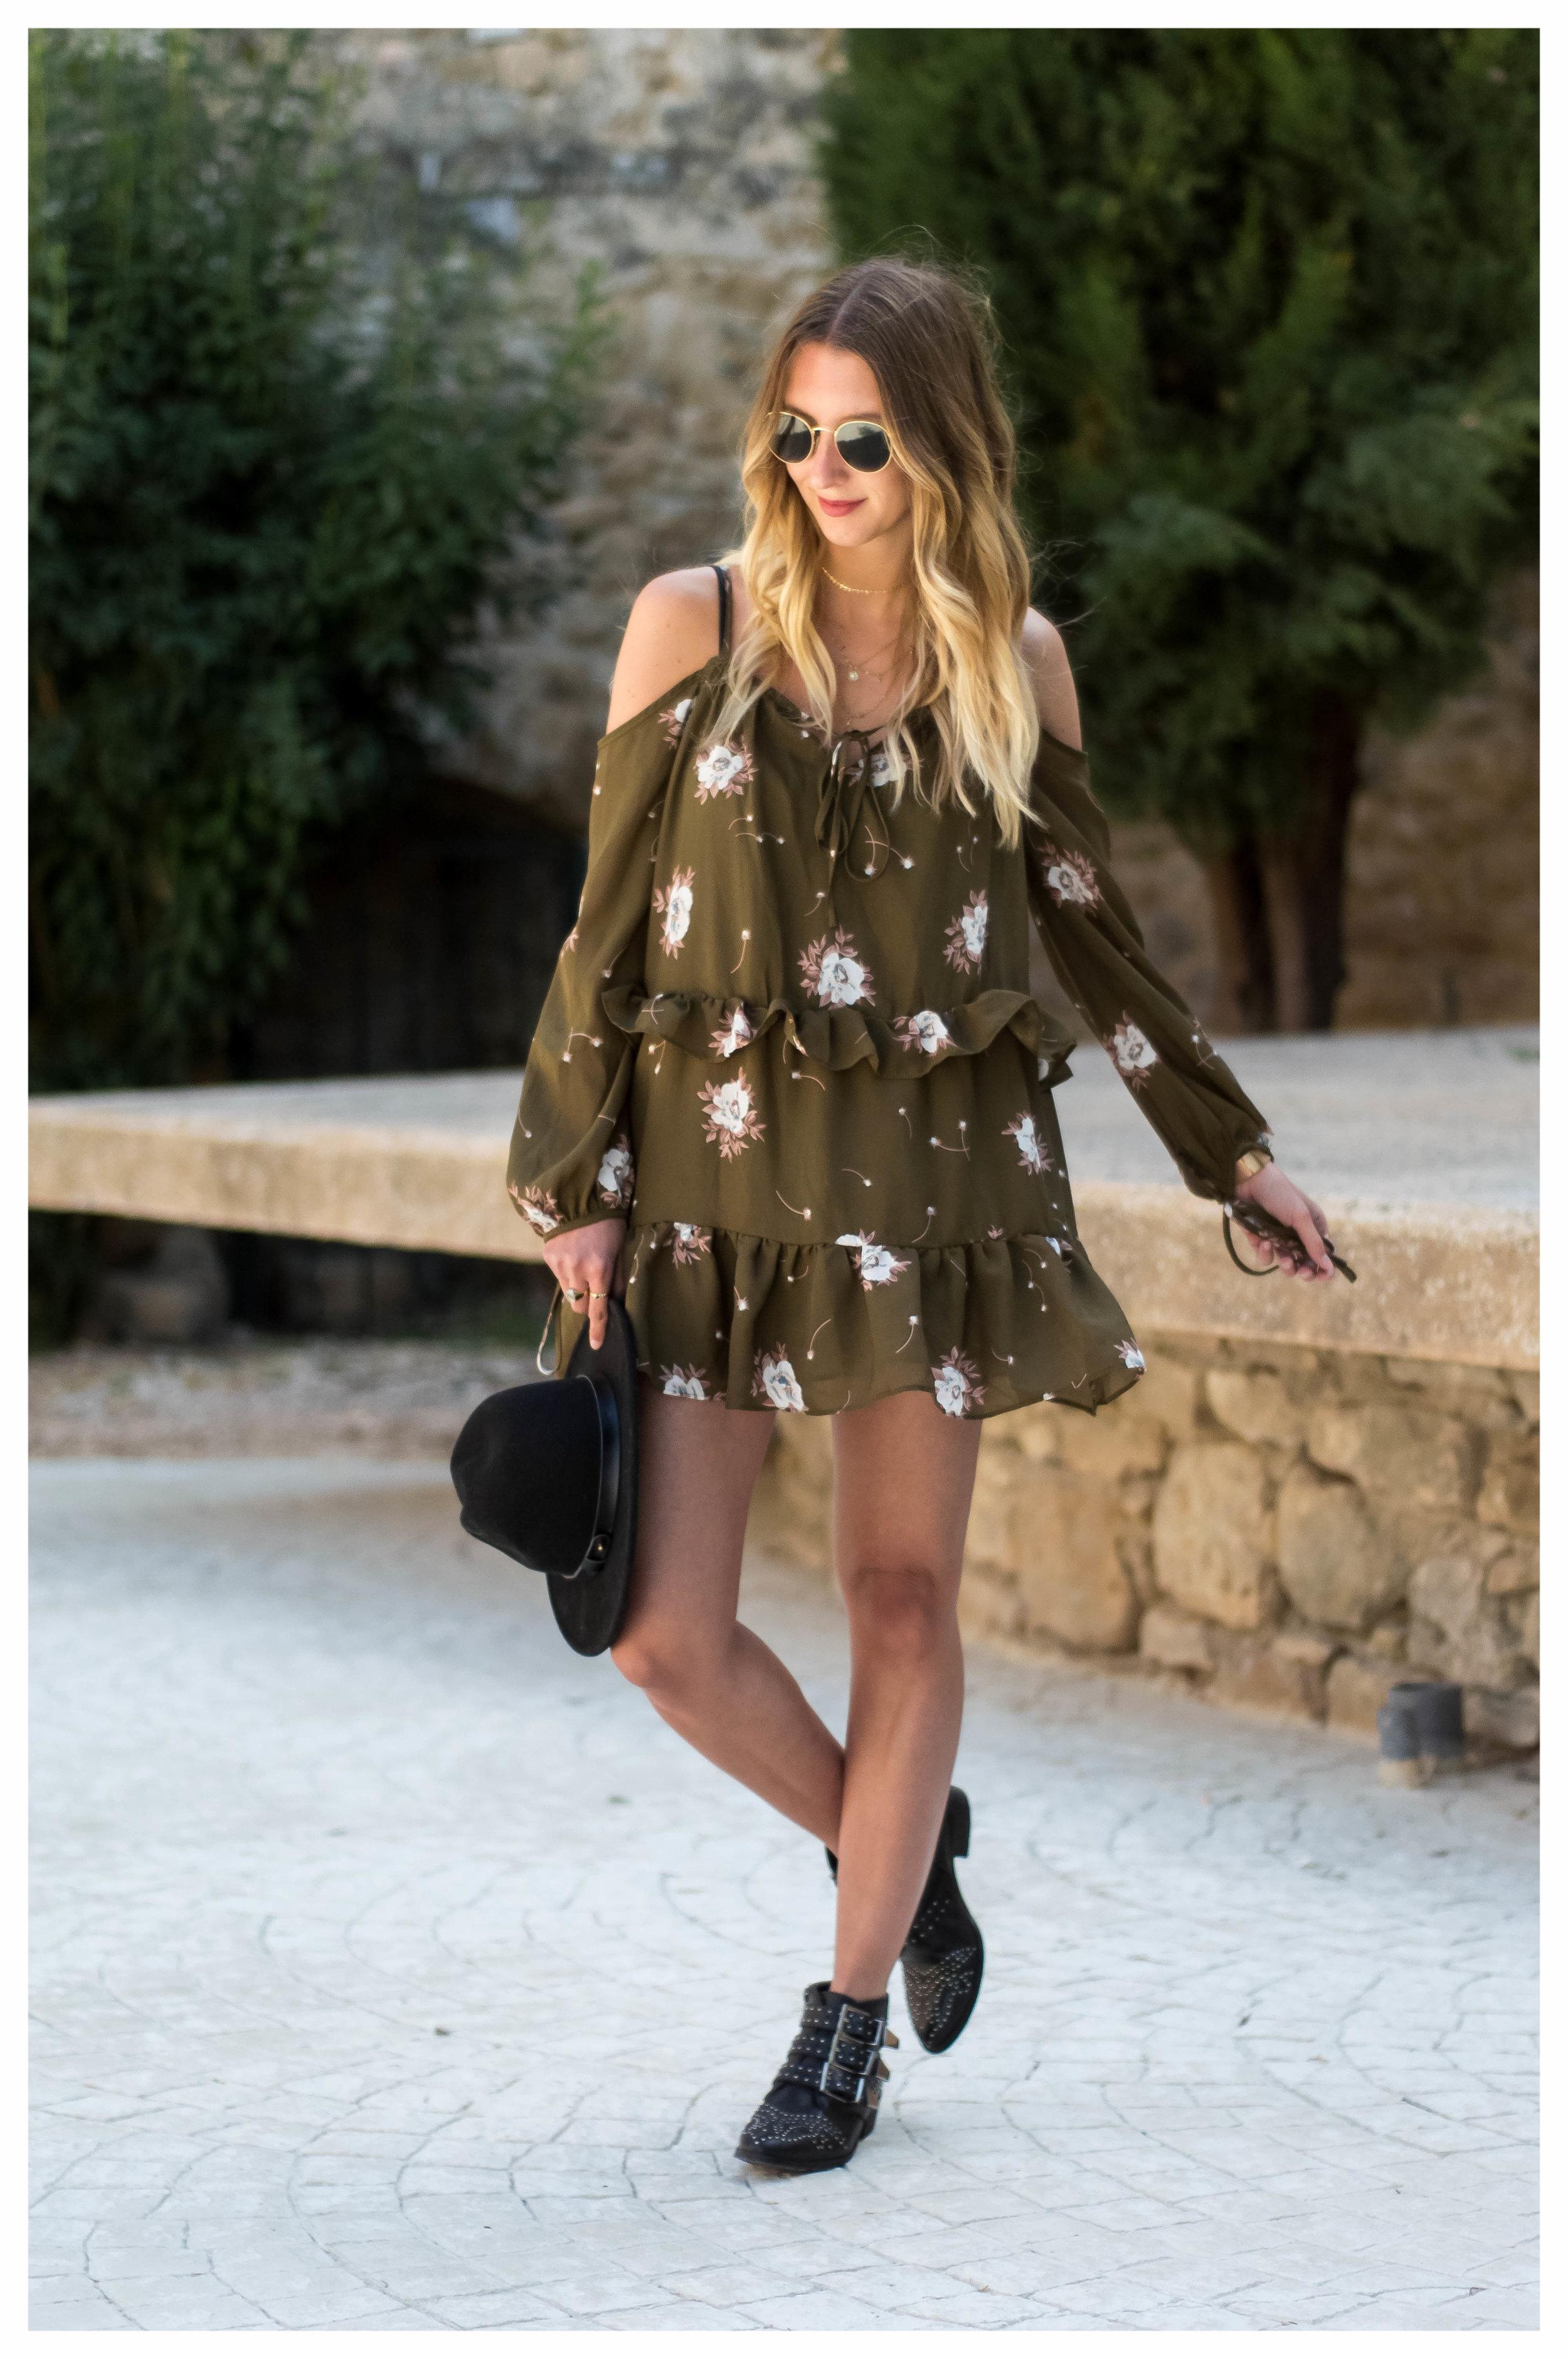 Cornillon Dress June - OSIARAH.COM (1 of 14).jpg